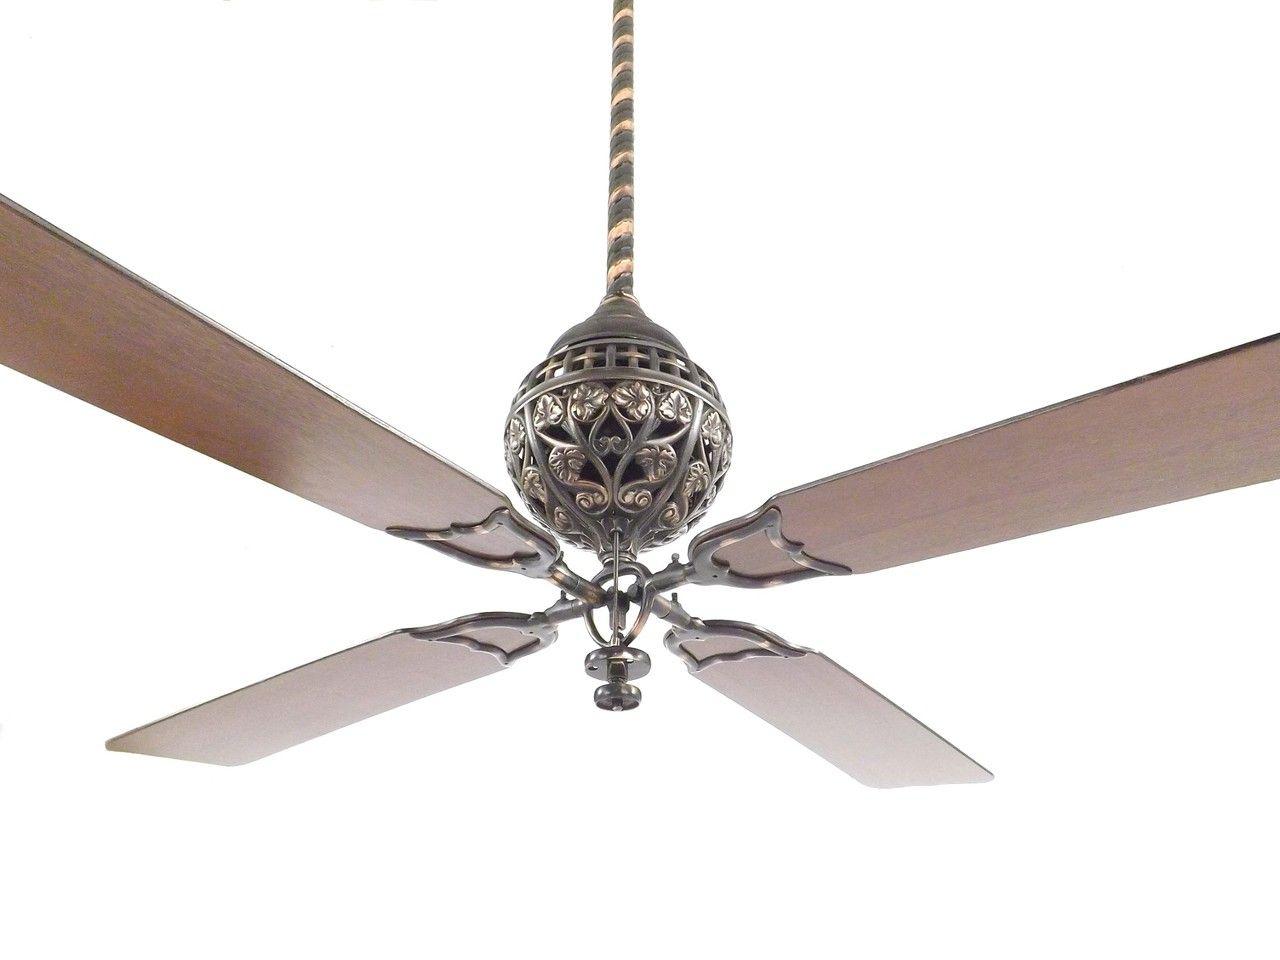 Restored 1898 Hunter Tuerk 4 Blade Ceiling Fan In 2020 Ceiling Fan Ceiling Fans For Sale Fan